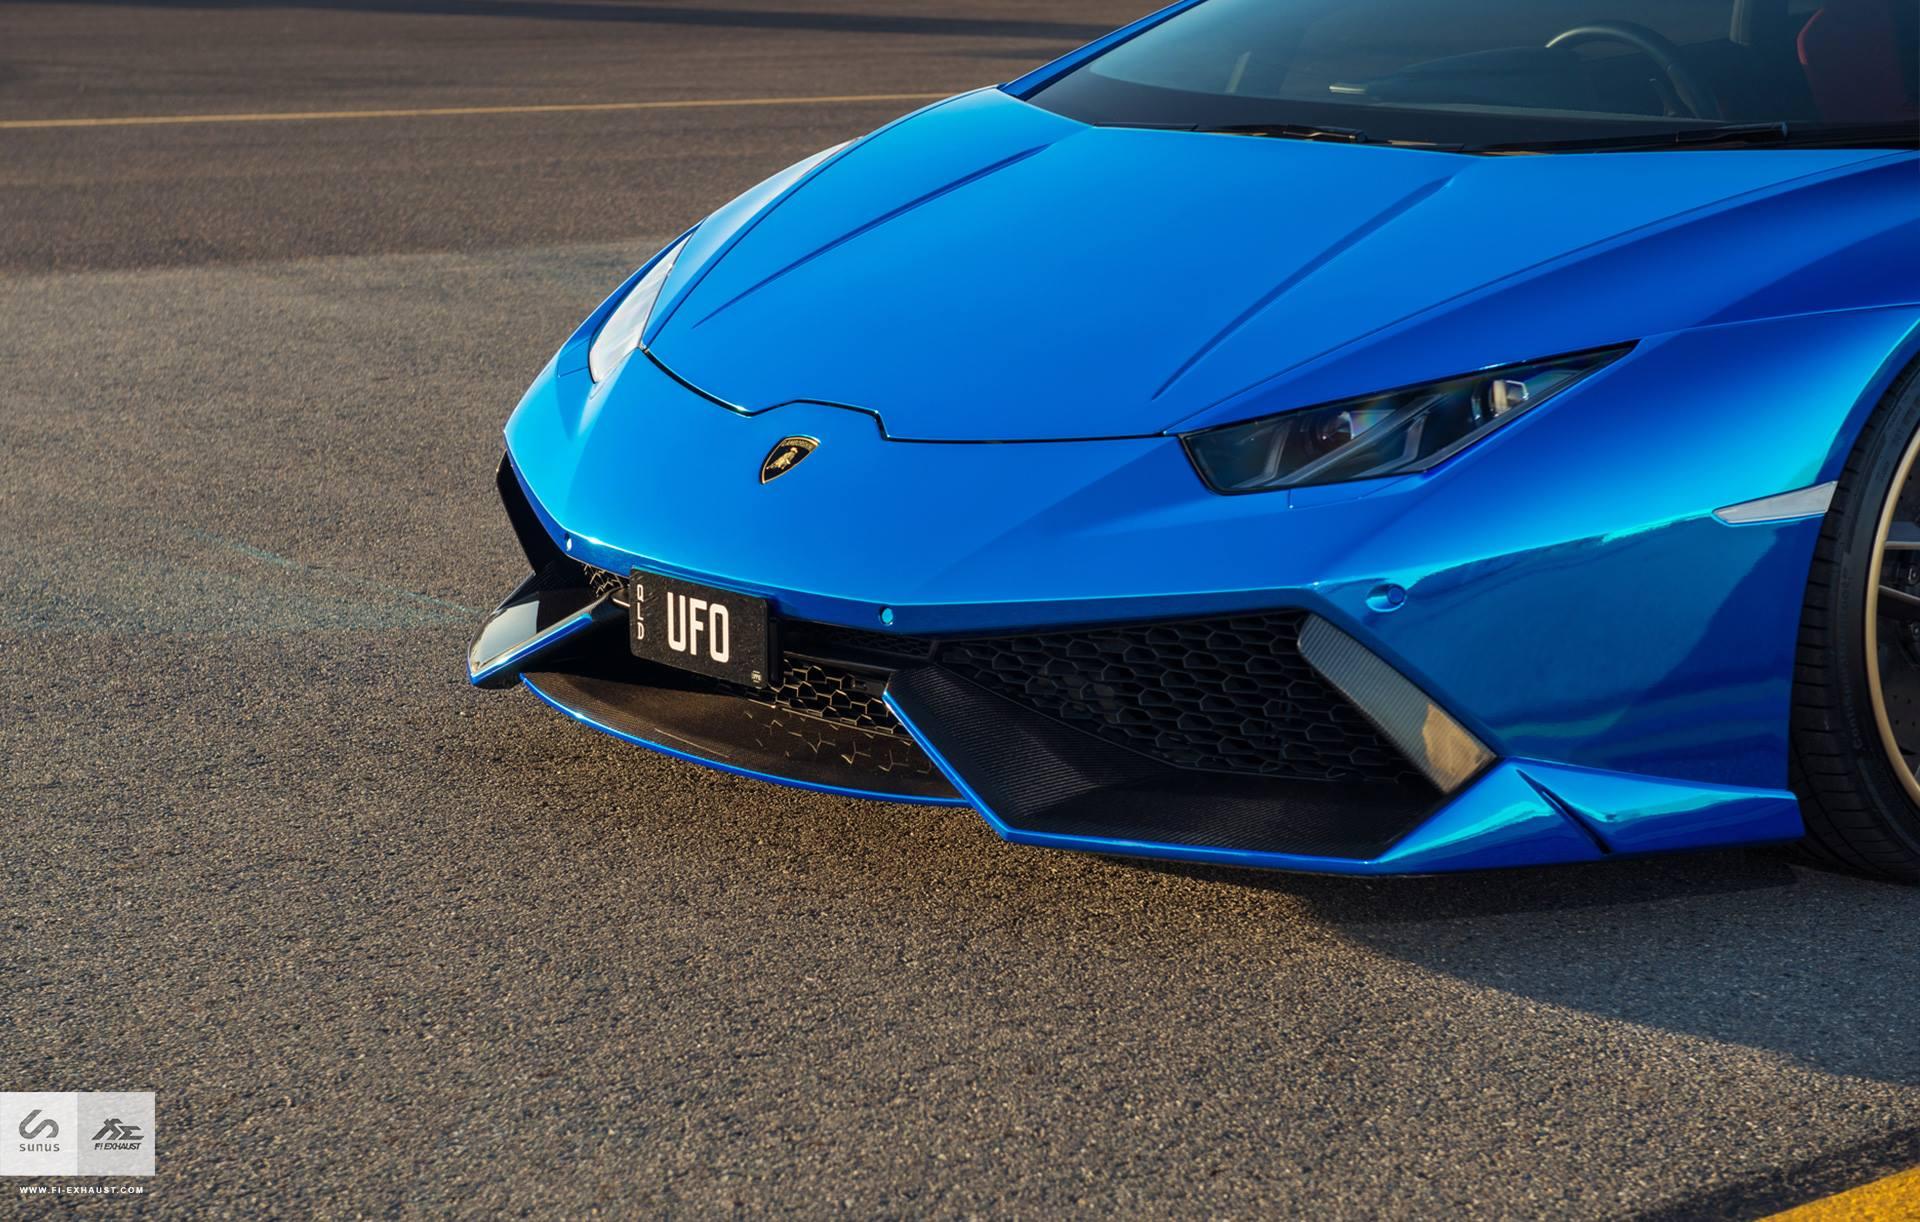 Stunning Blue Chrome Lamborghini Huracan By Sunus Motorsport Gtspirit